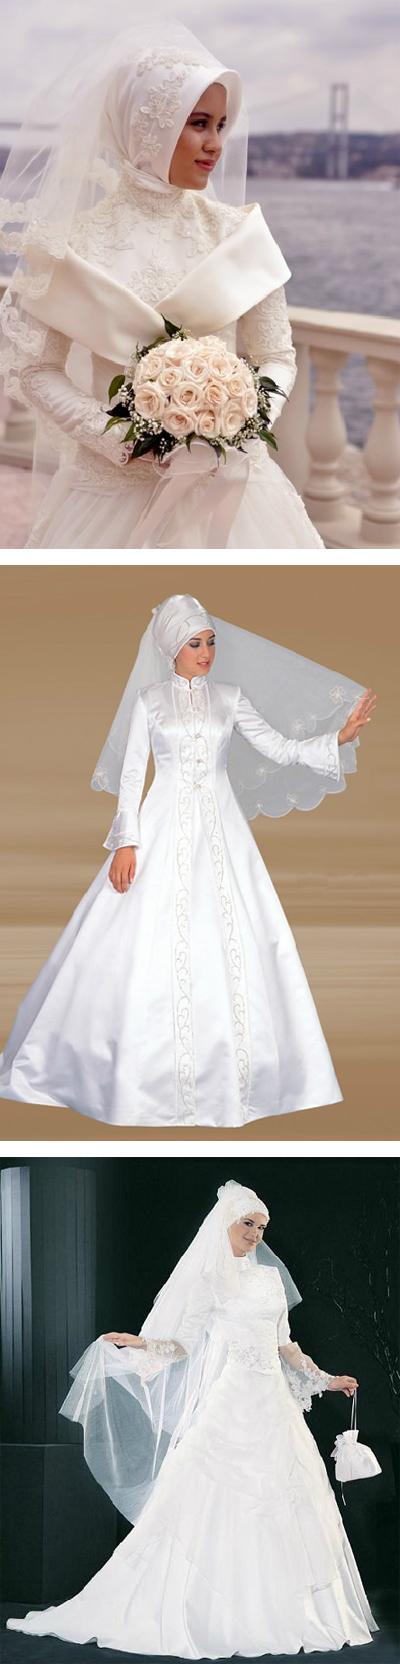 ชุดแต่งงานอิสลาม